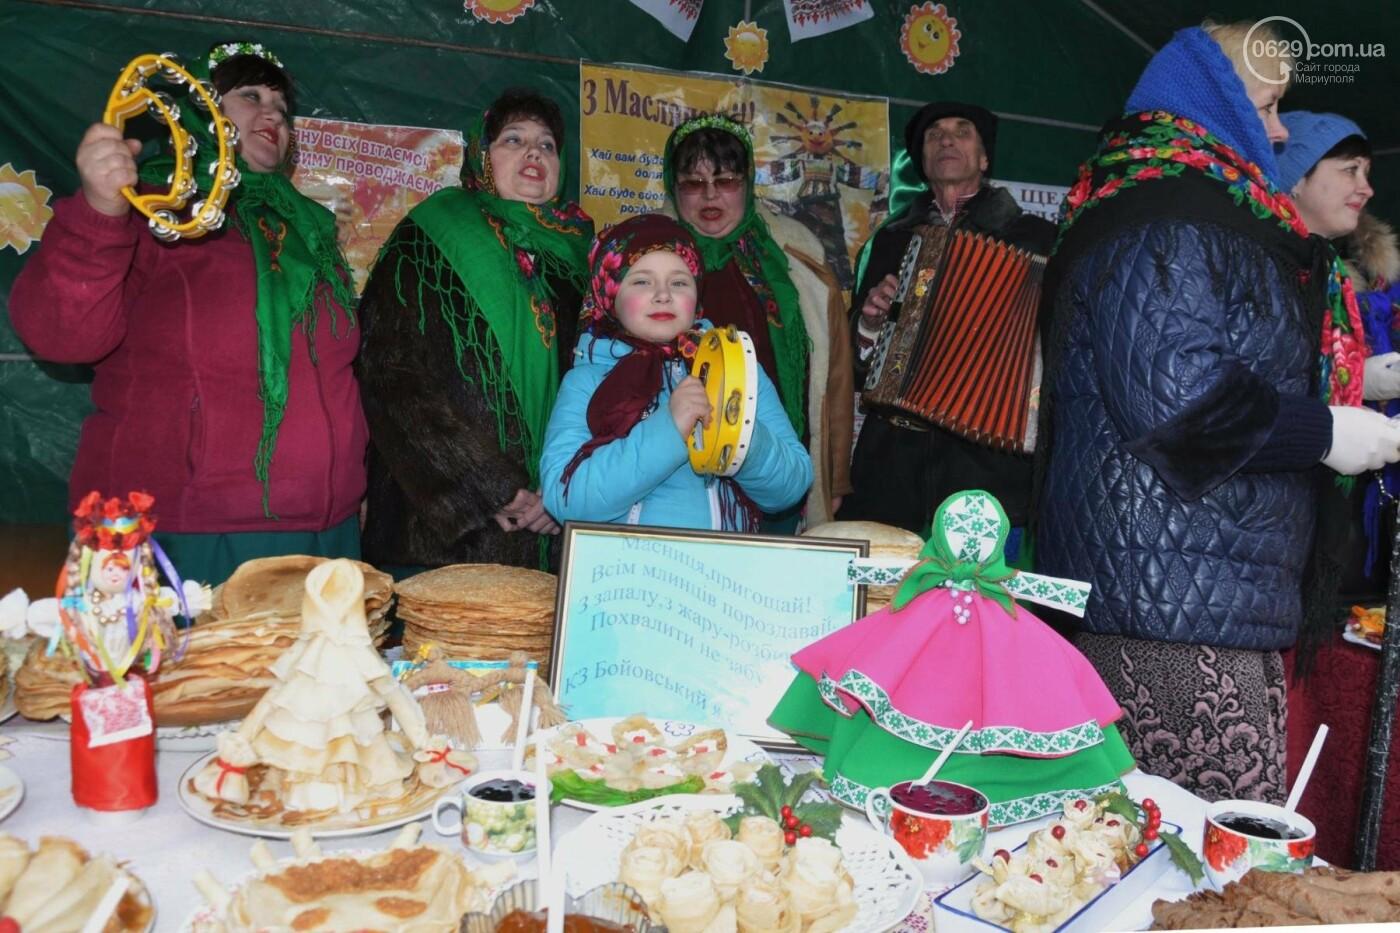 В селе Боевое испекли 17000 блинов и установили новый рекорд Украины, фото-18